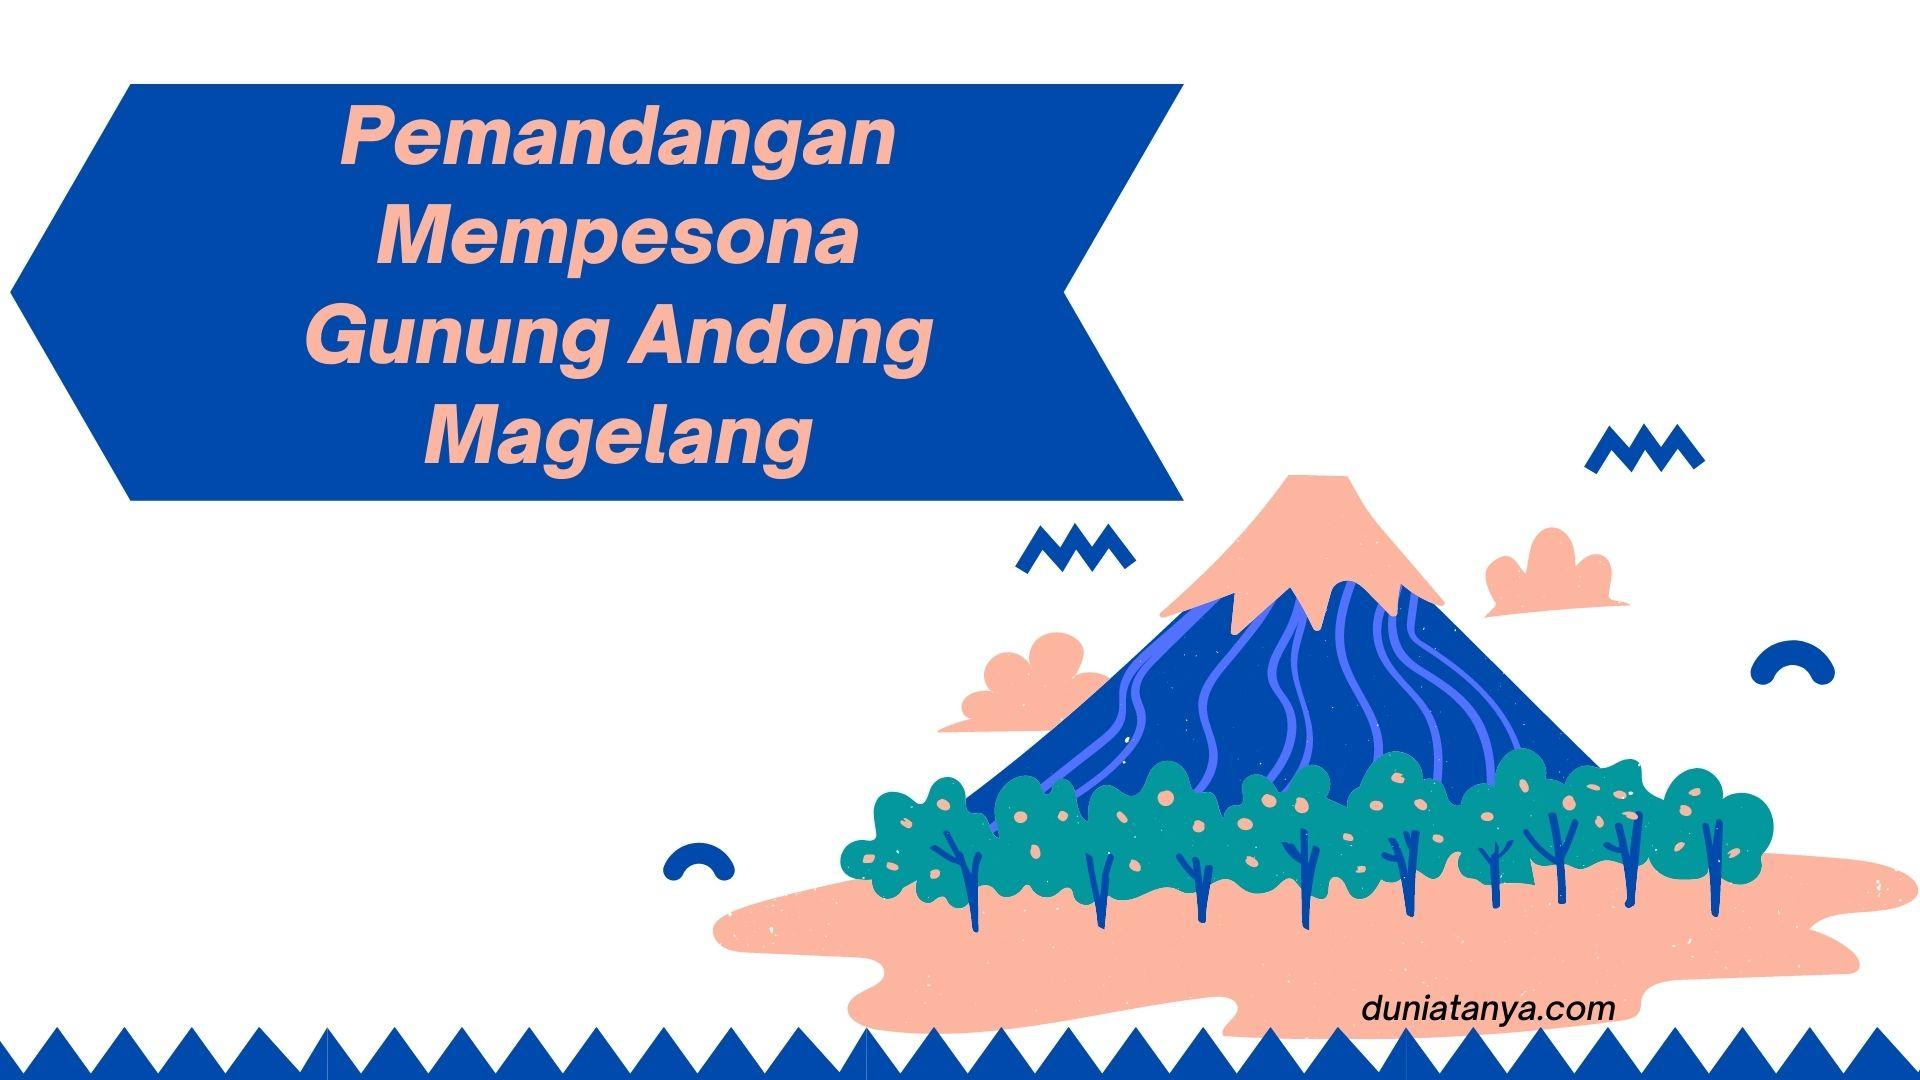 You are currently viewing Pemandangan Mempesona Gunung Andong Magelang